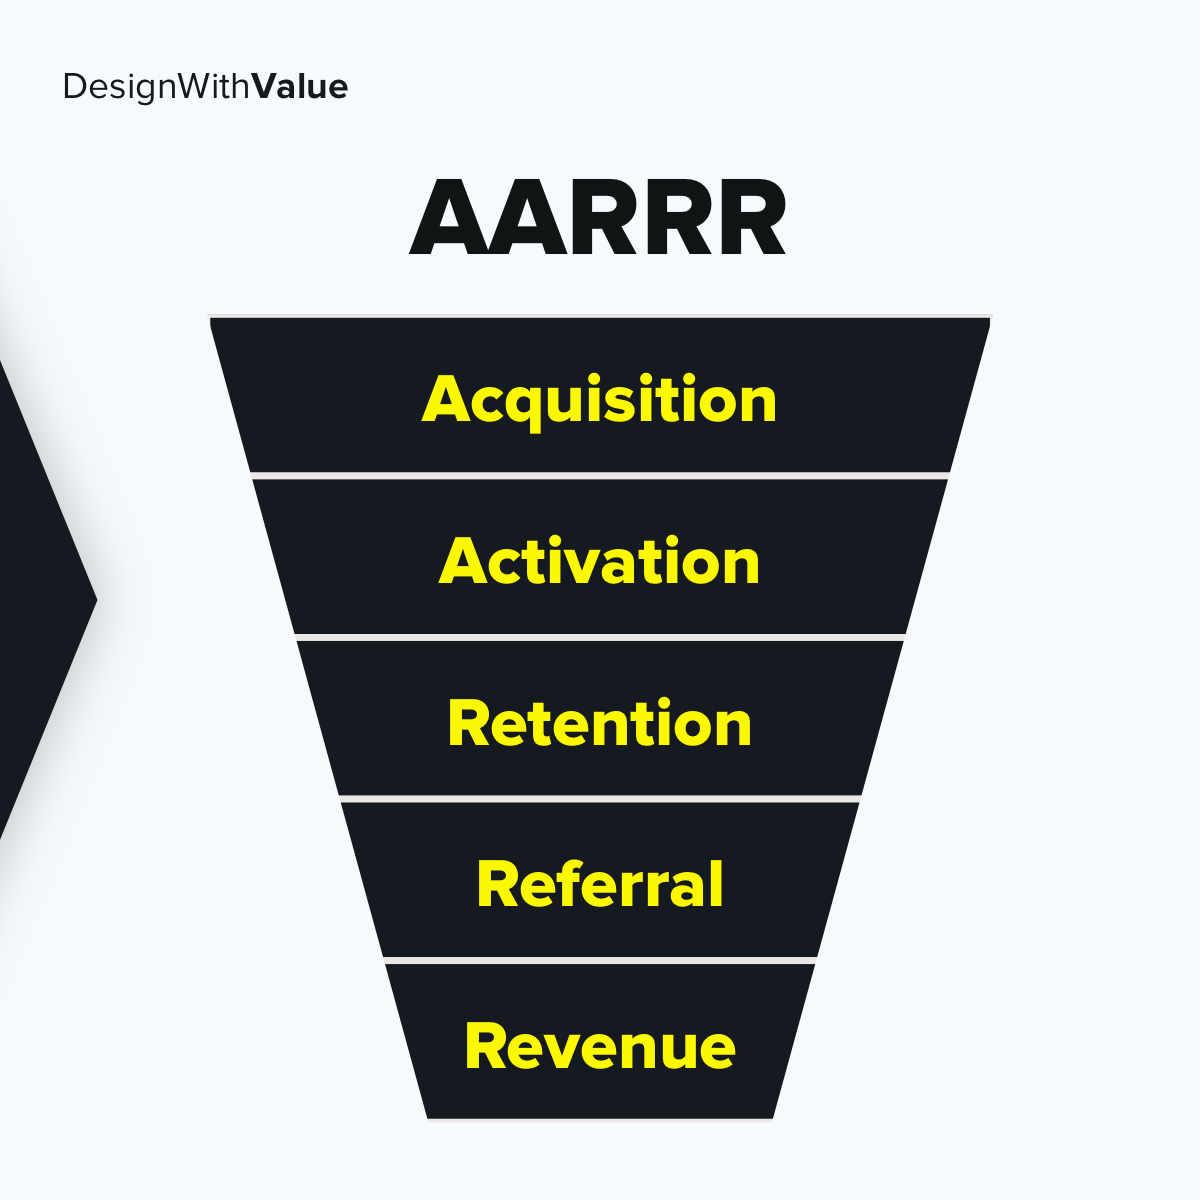 Acquisition, Activation, Retention, Referral, Revenue.